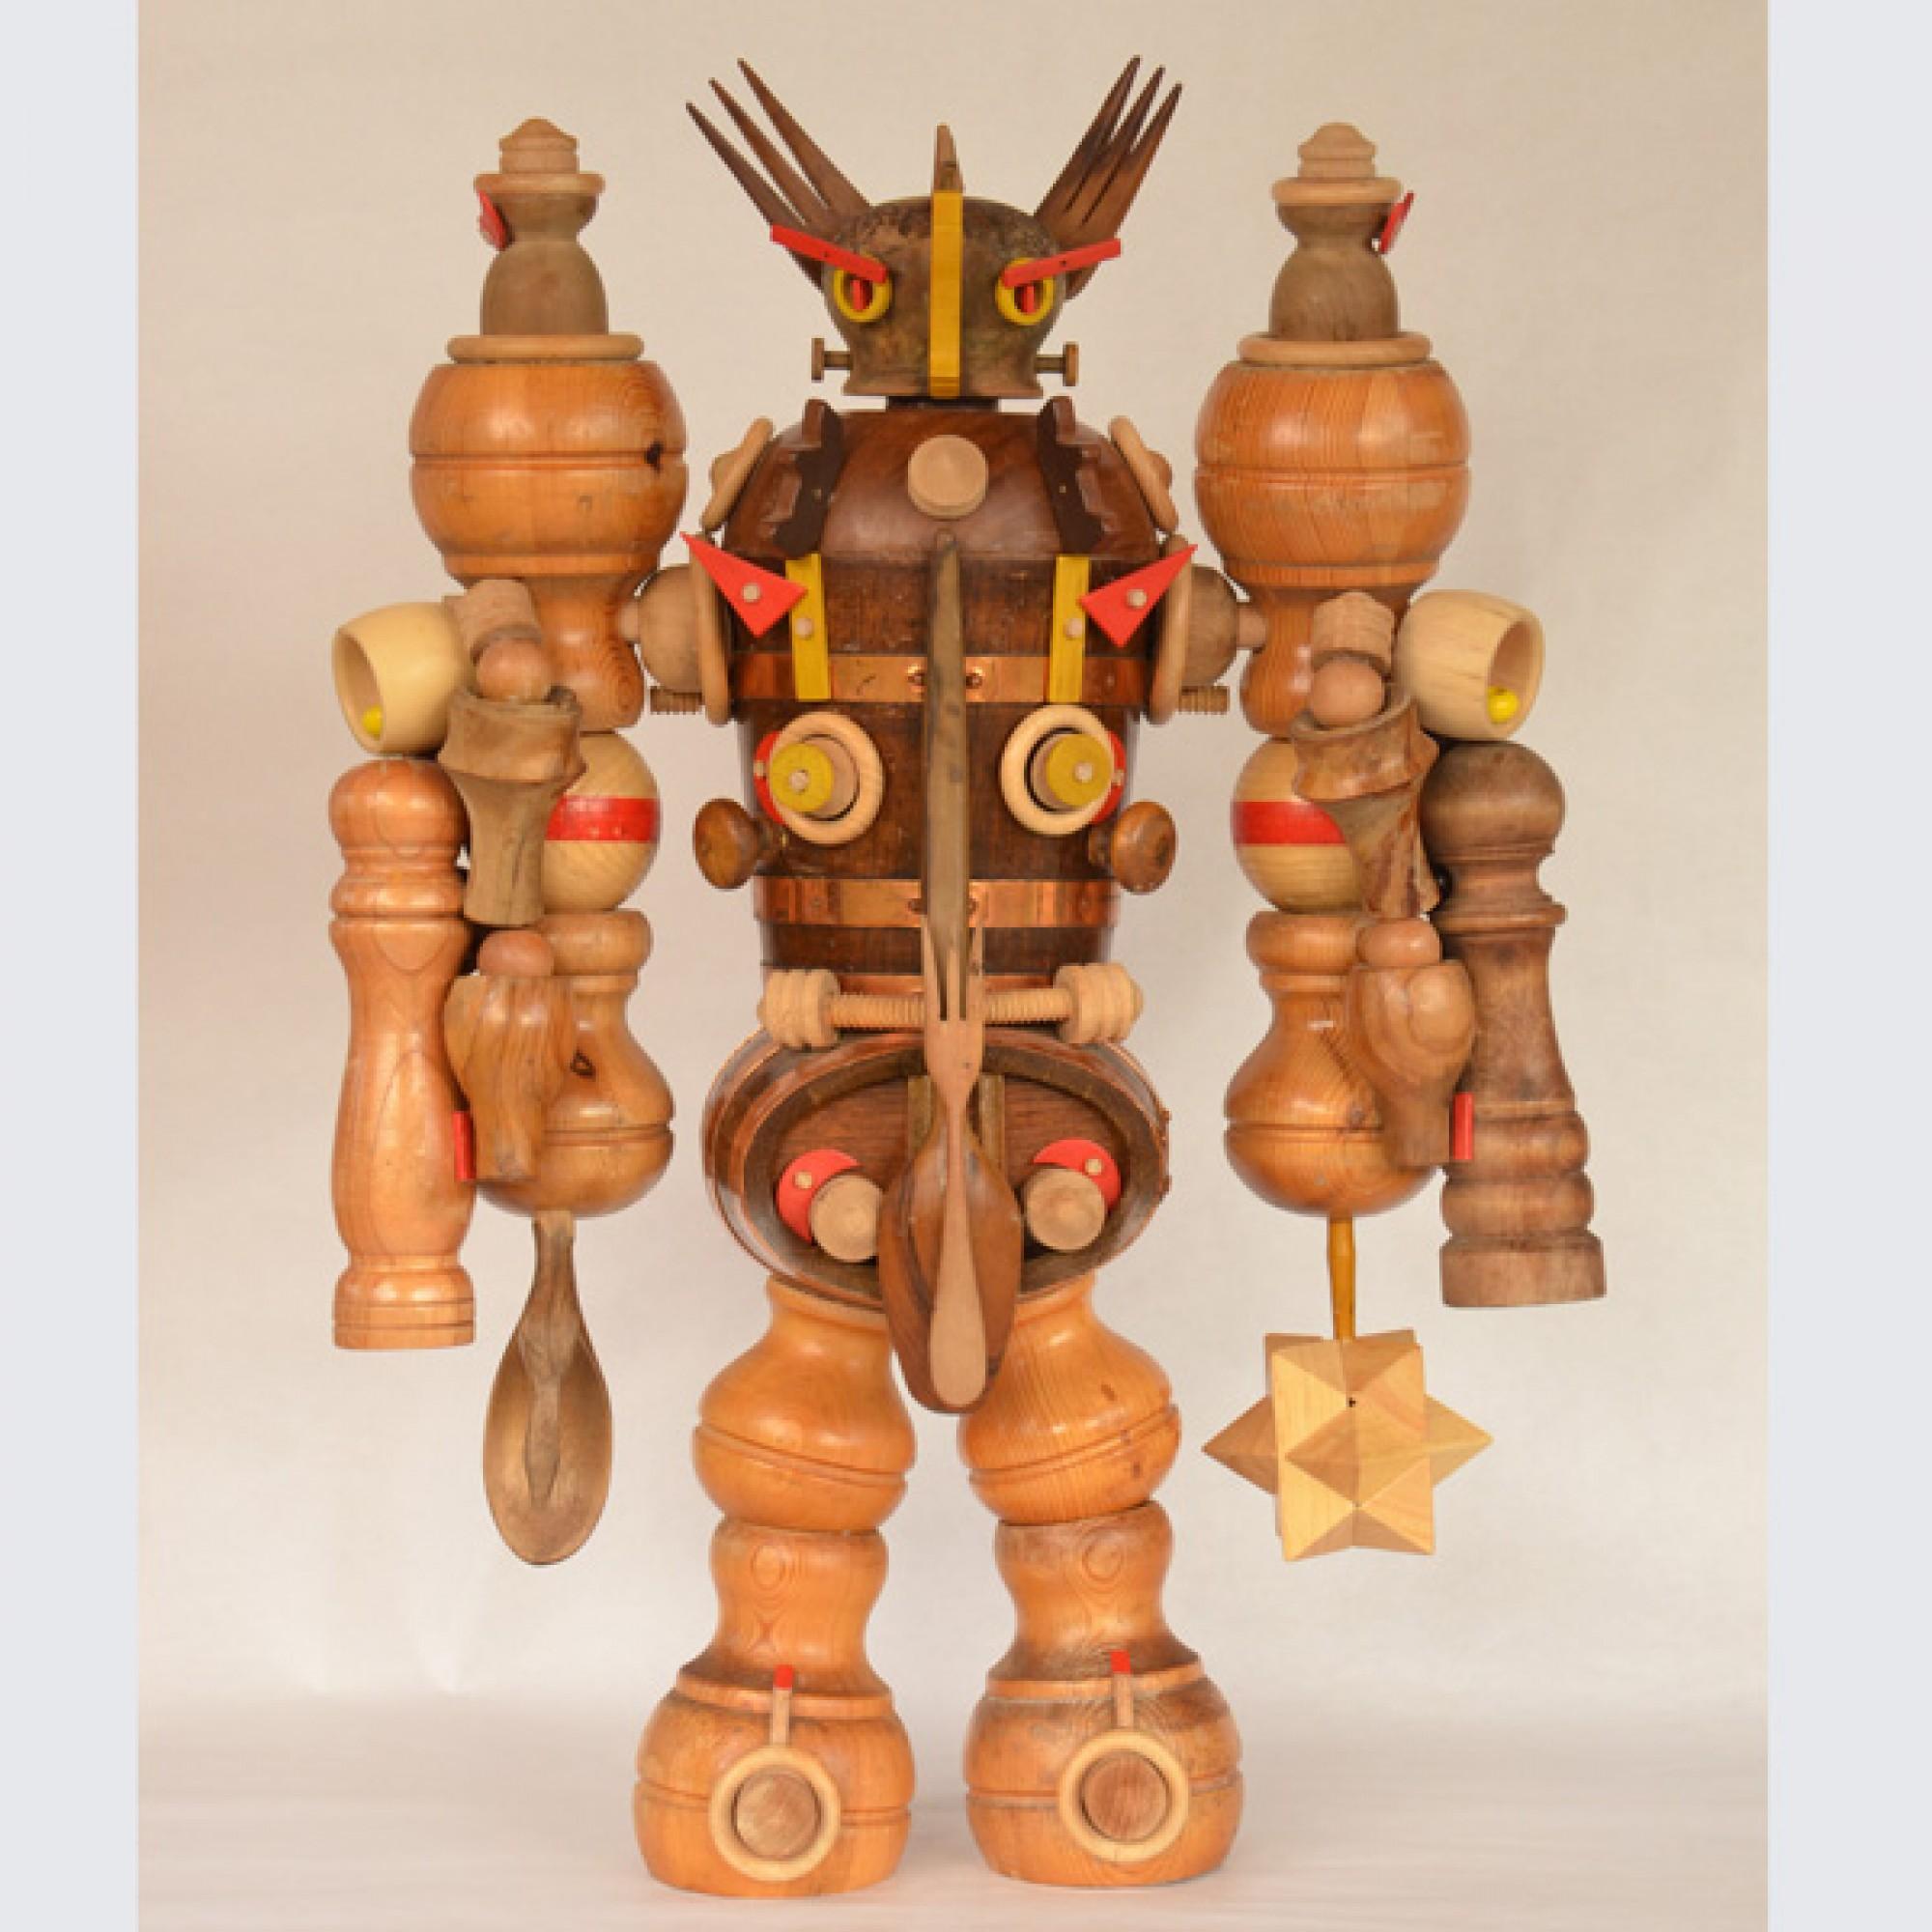 Verteidigungs-Roboter Fourchettor Matuvu 135 von Richard Marnier (Richard Marnier)